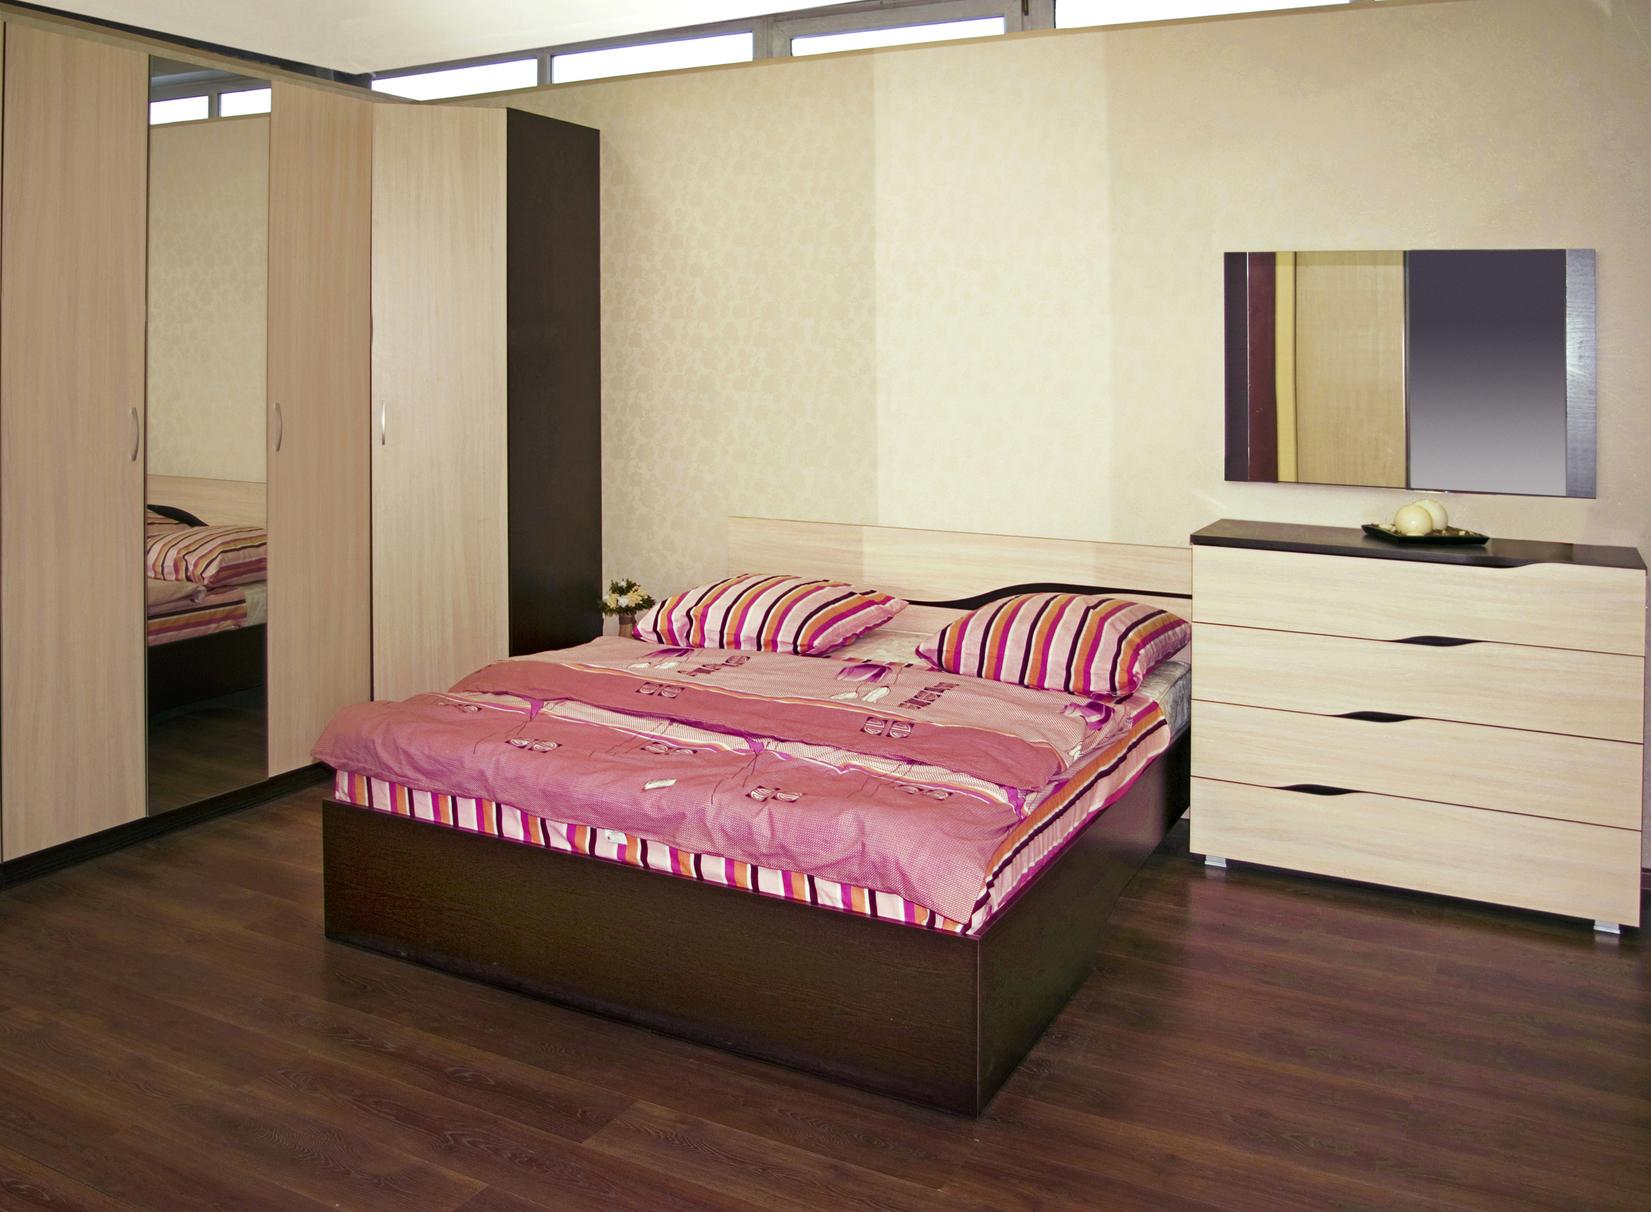 Спальня эконом класса фото